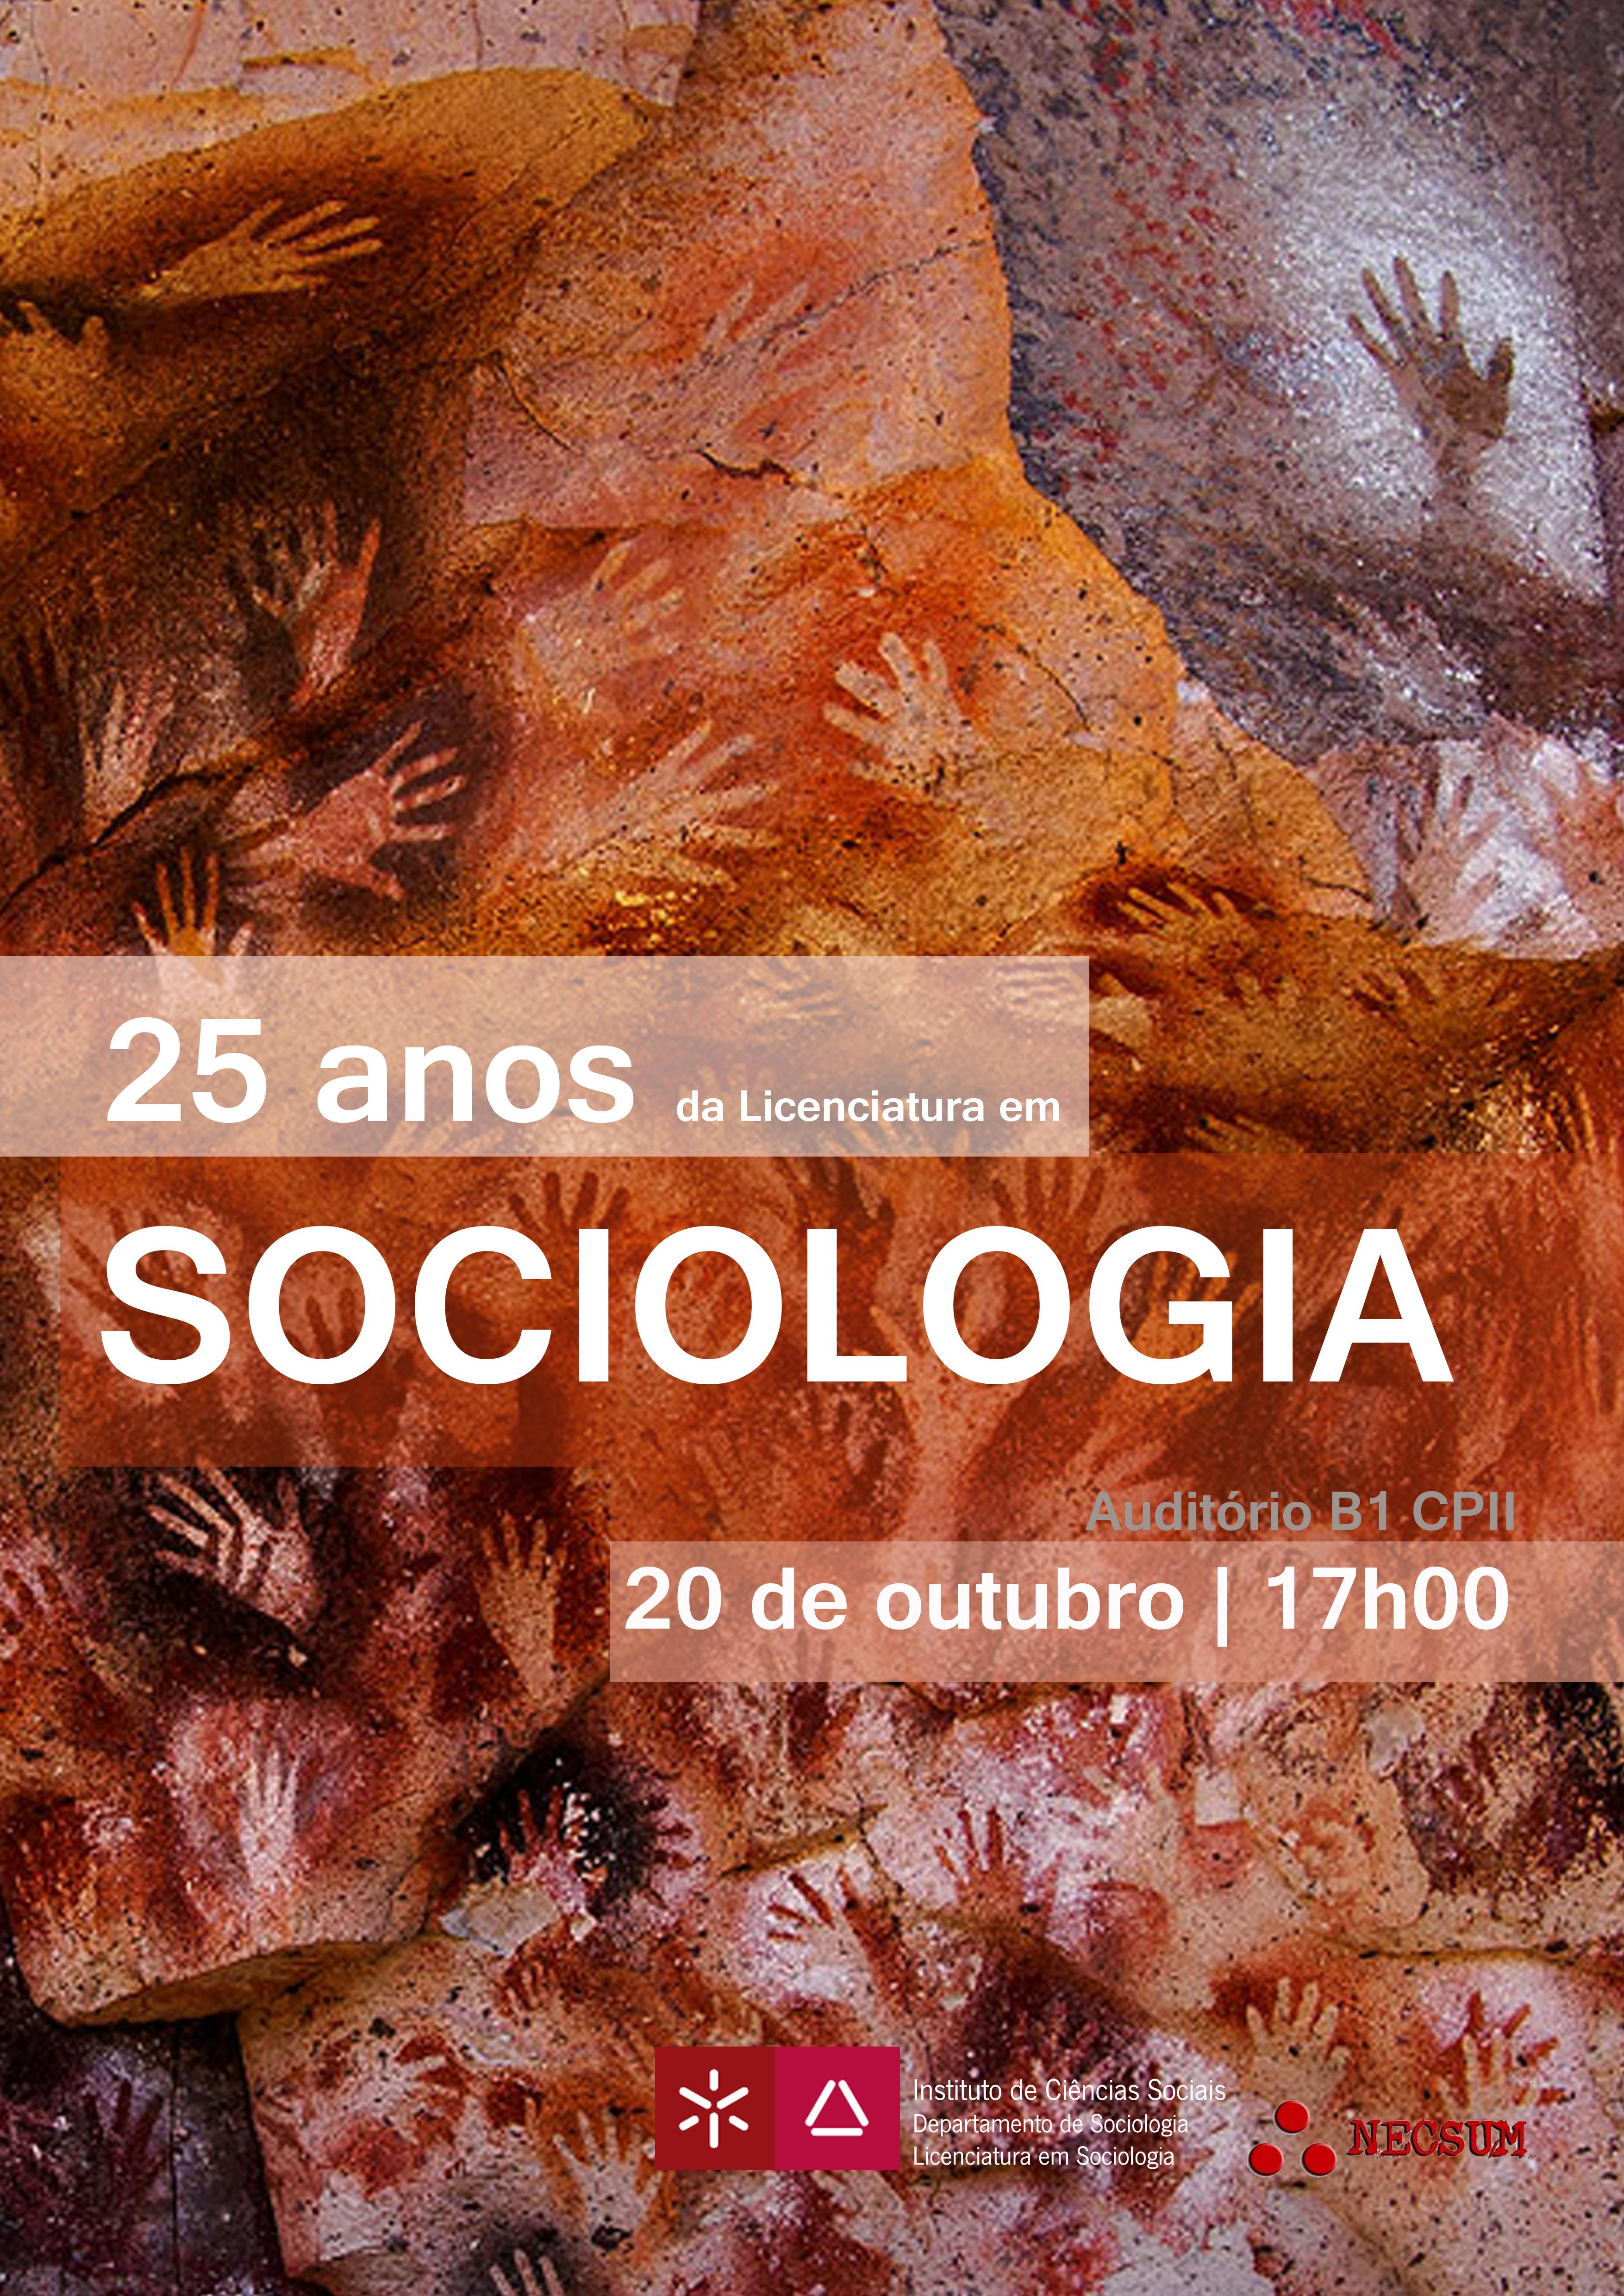 Sociologia 25. Versão do cartaz.